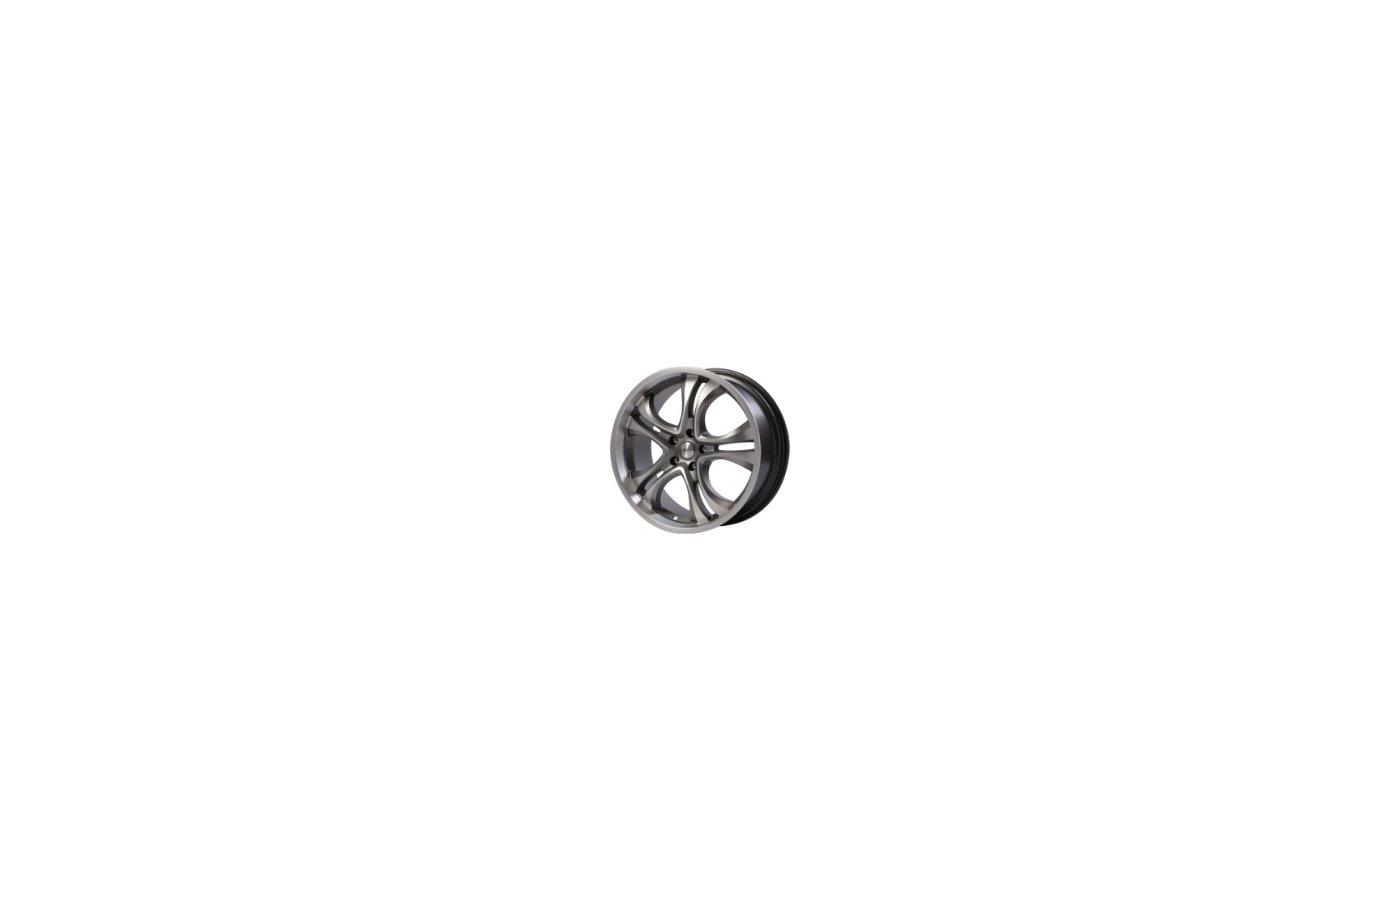 Диск Скад Версаль 7.5x18/5x120 D72.6 ET34 Селена